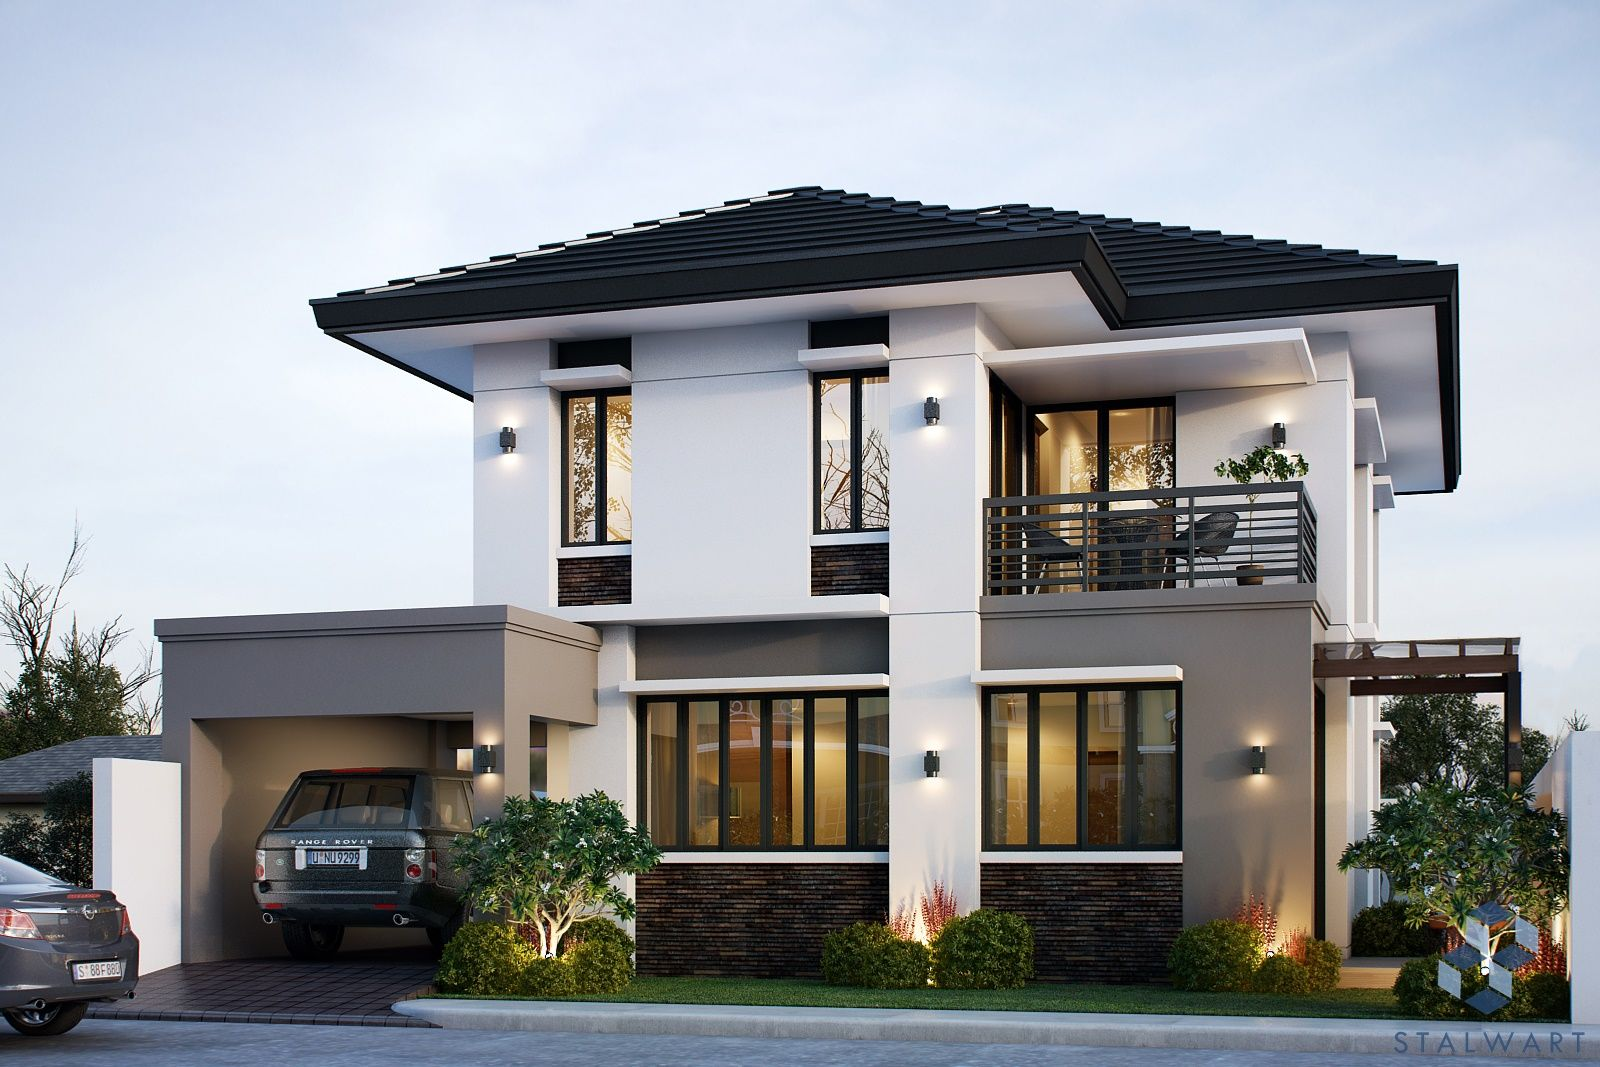 763ecff57d9aa3cfb320b6db3a985168 - 18+ Small Modern Zen House Design Images